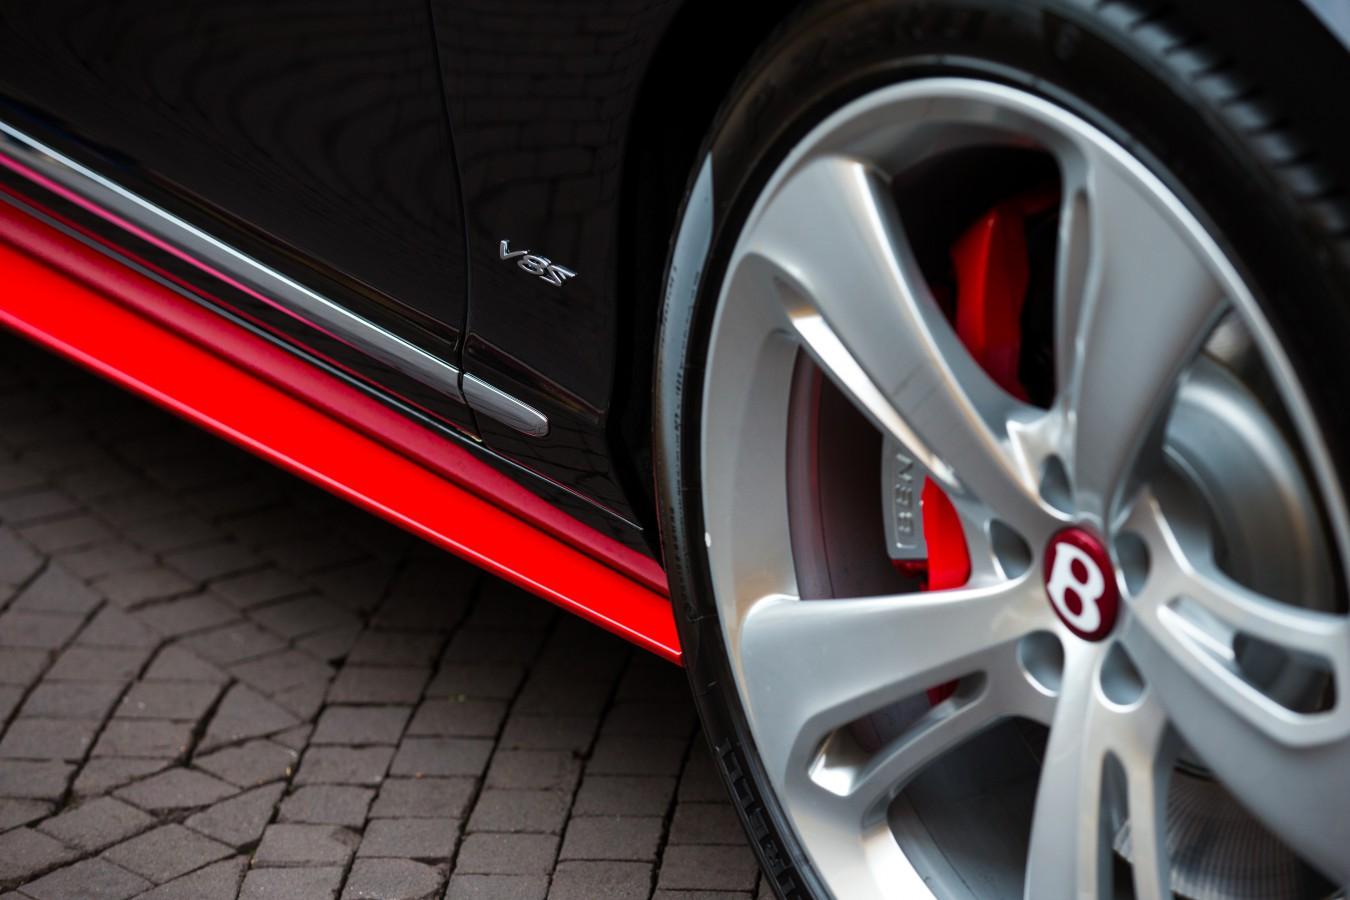 ЭКСКЛЮЗИВНАЯ ЛИМИТИРОВАННАЯ СЕРИЯ  BENTLEY CONTINENTAL GT V8 S  KOBRA EDITION II - изображение NICK38441 на Bentleymoscow.ru!